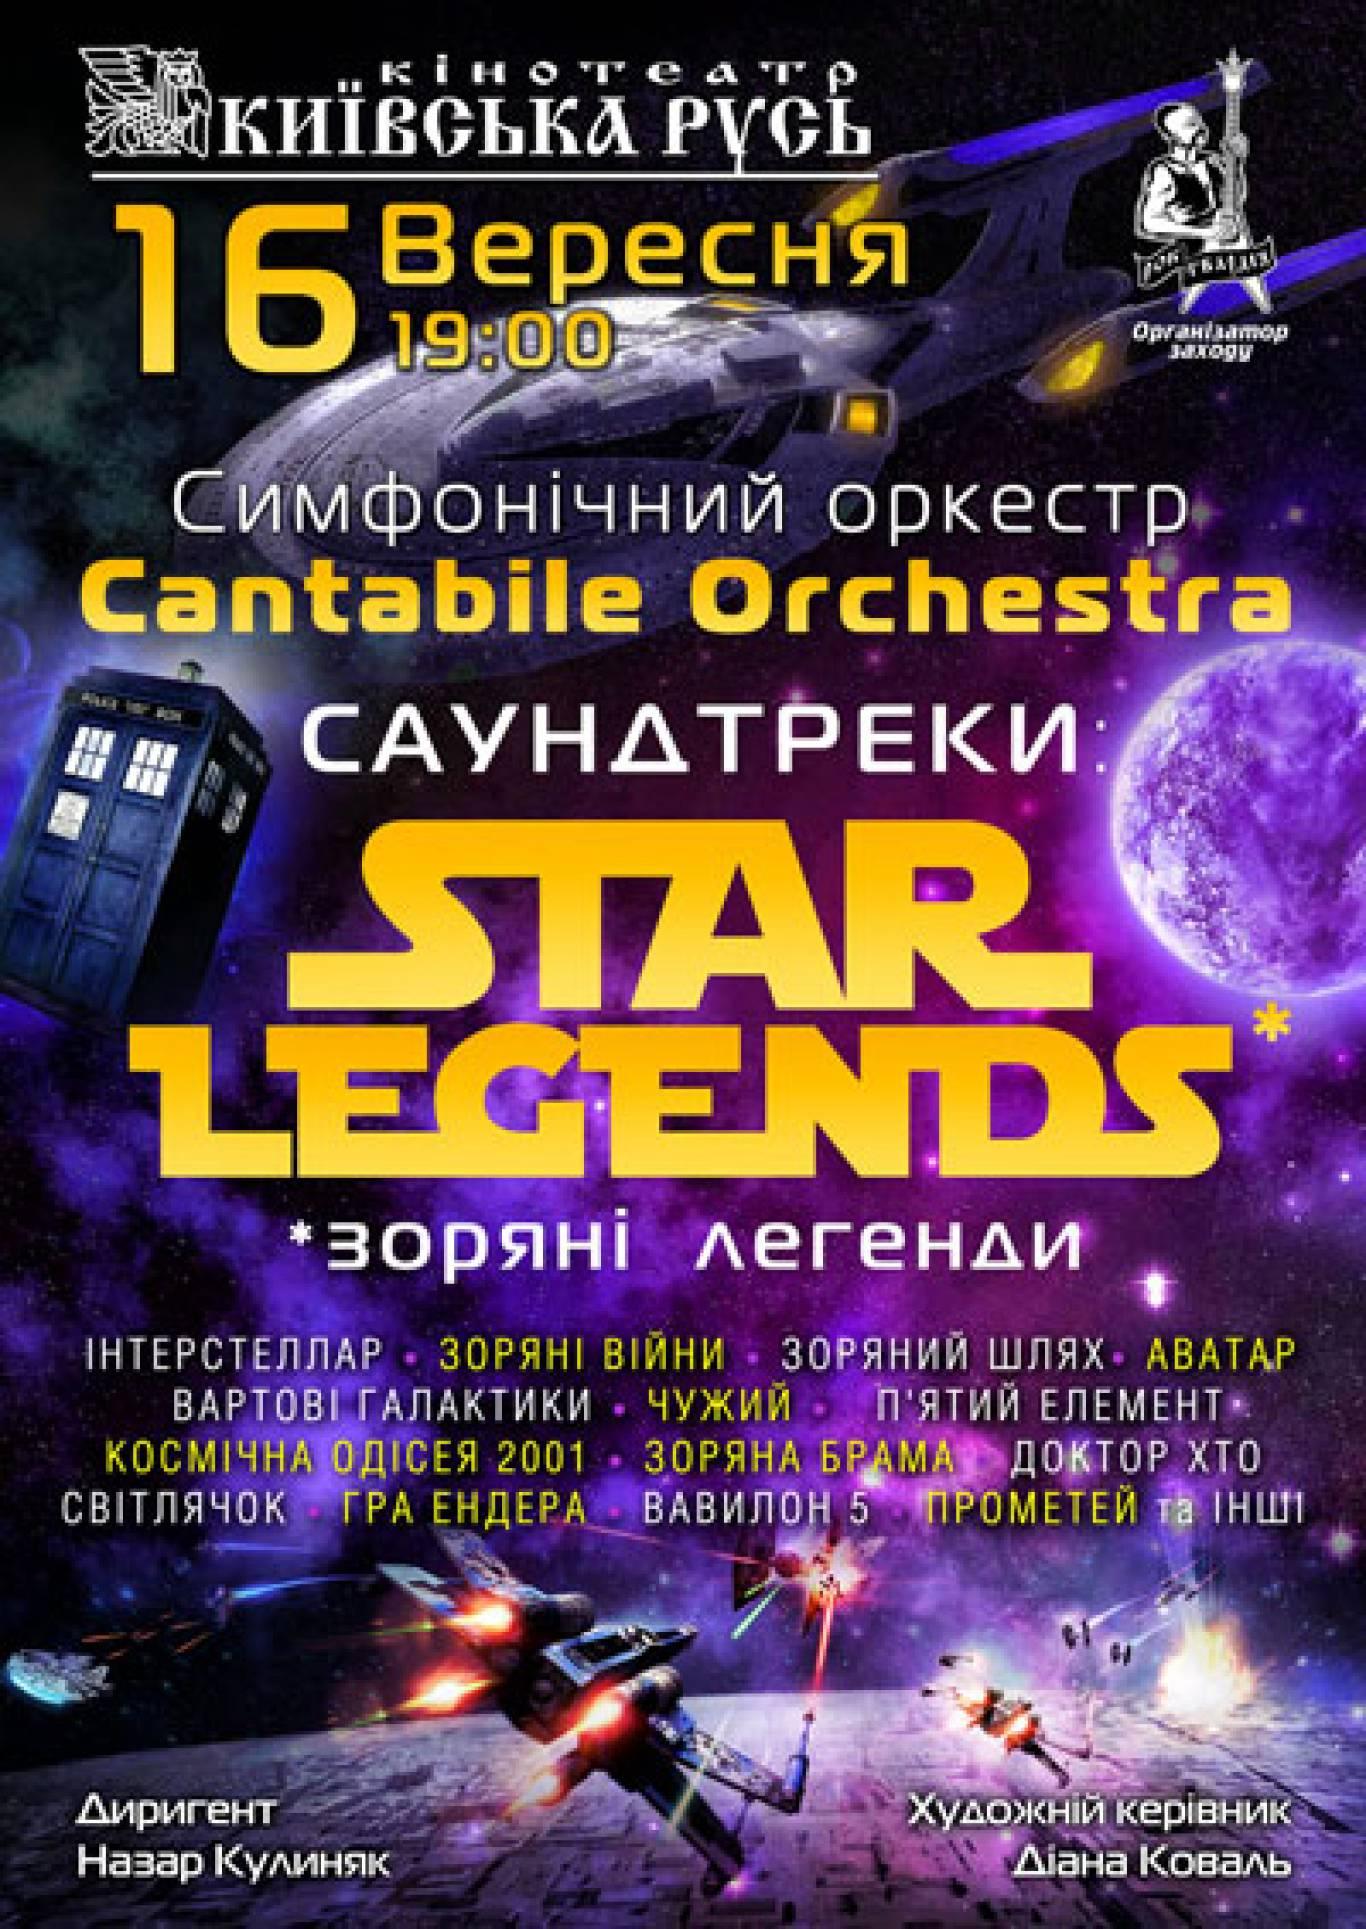 """Симфонічне шоу від Cantabile Orchestra """"САУНДТРЕКИ: ЗОРЯНІ ЛЕГЕНДИ"""""""